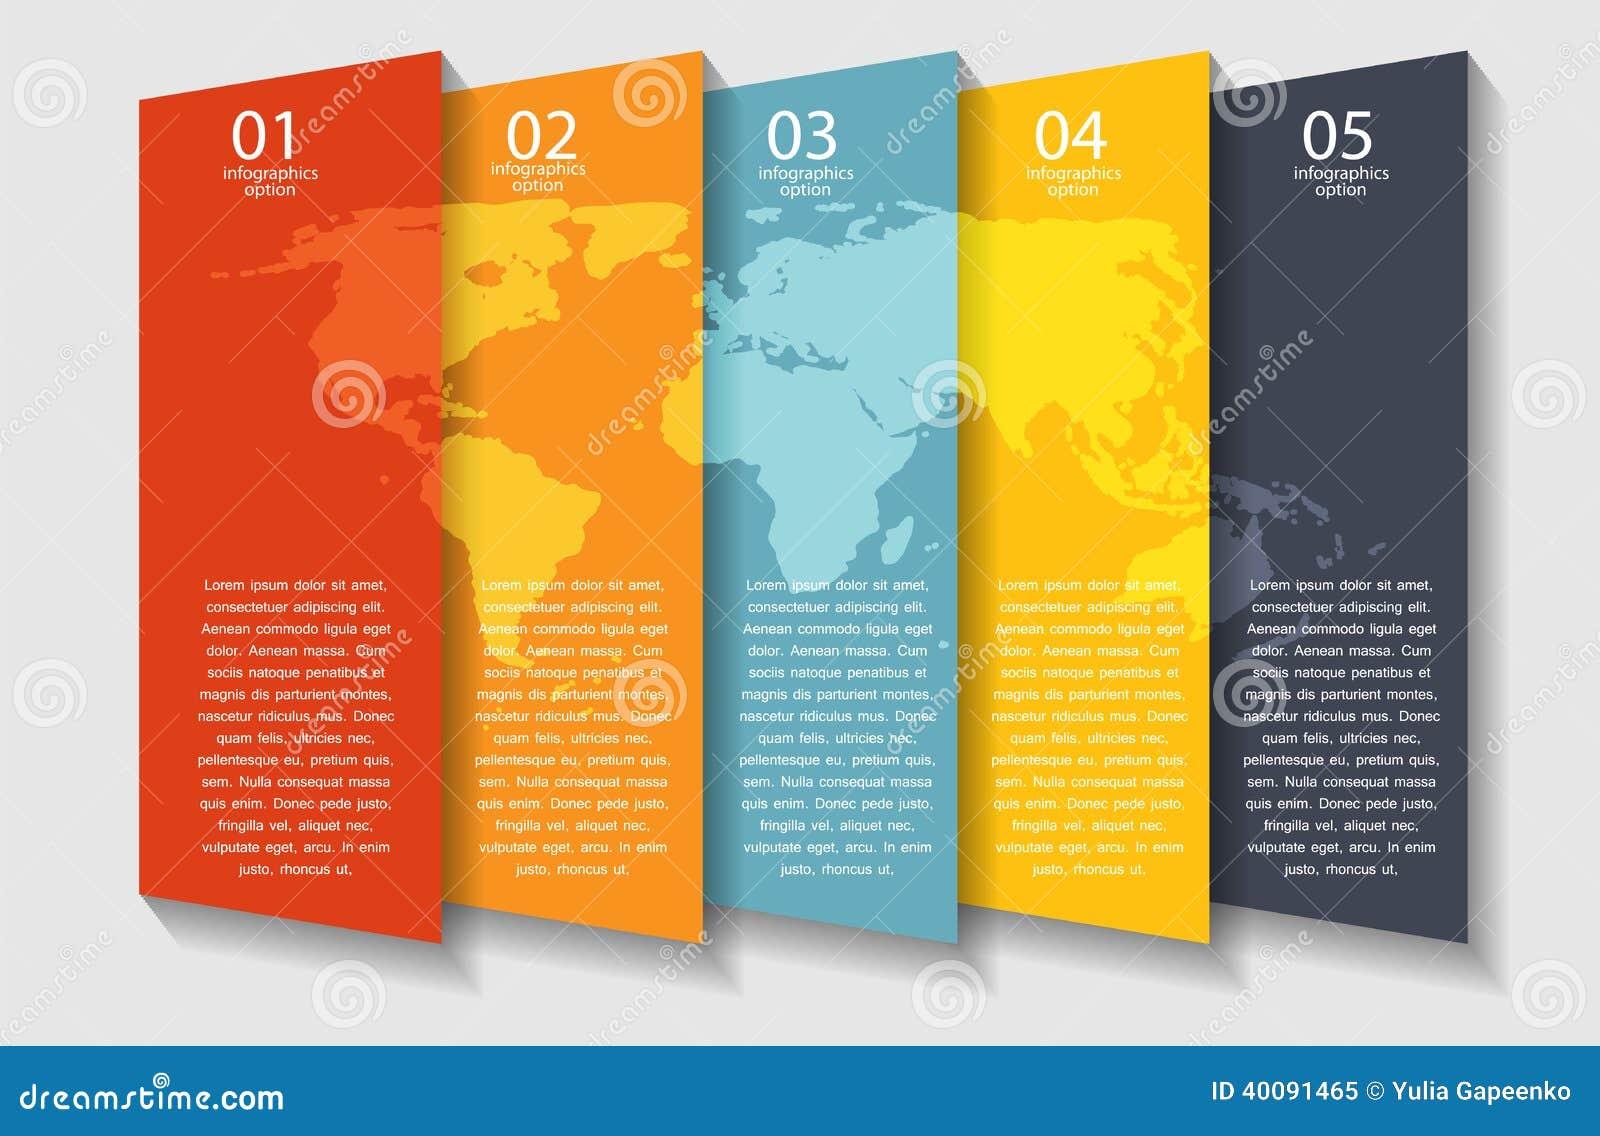 Διανυσματική απεικόνιση επιχειρησιακών προτύπων Infographic